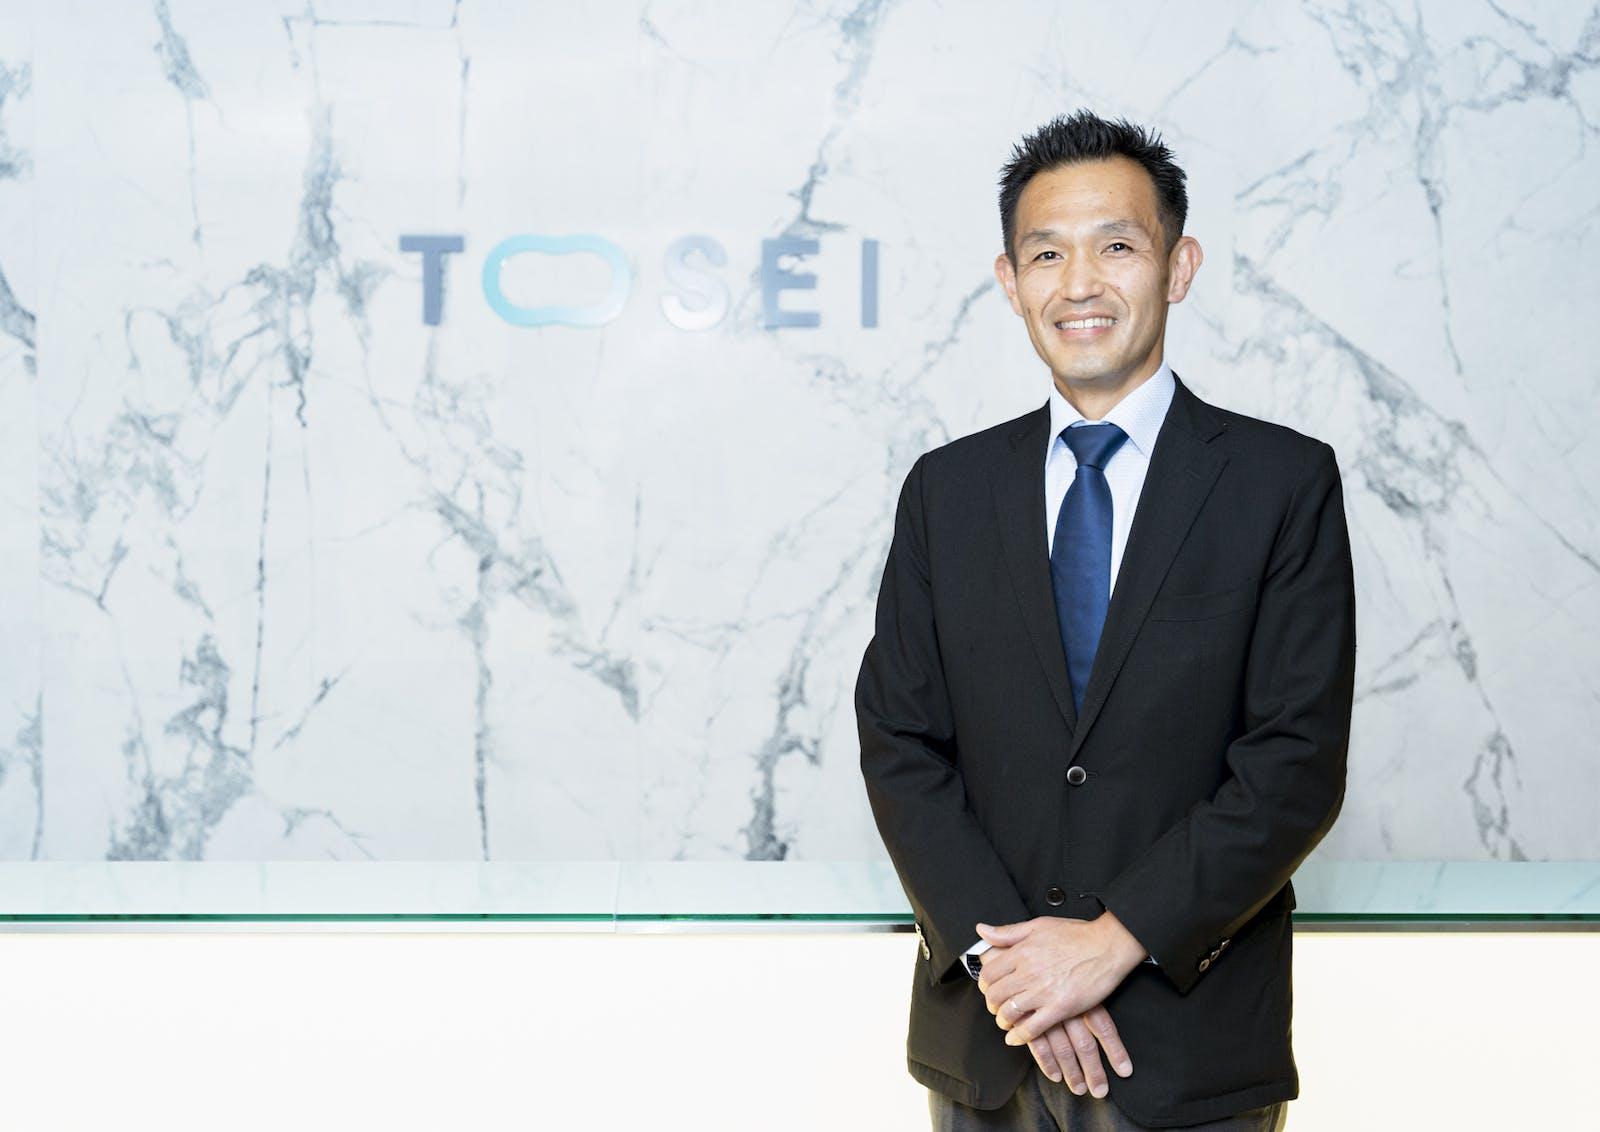 トーセイ株式会社のアイキャッチ画像